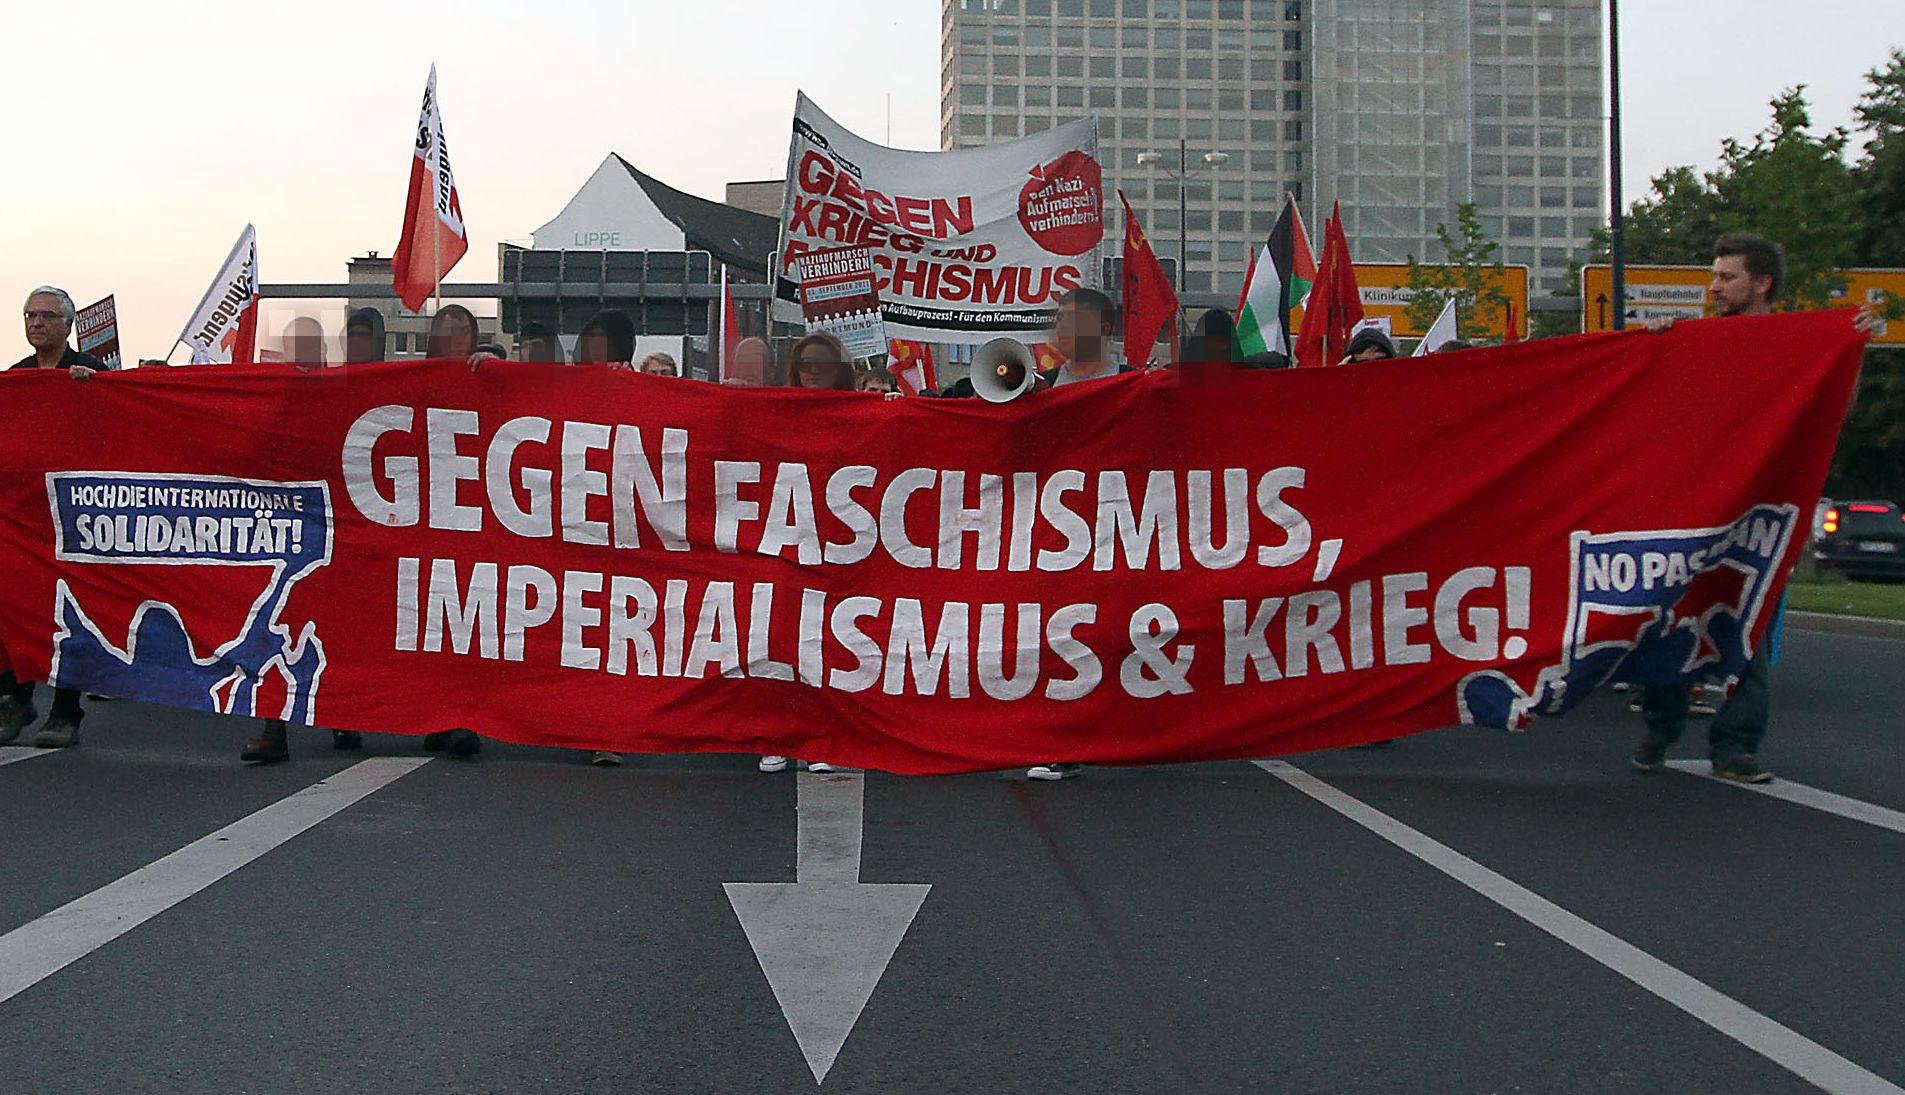 Aufruf von Dortmund stellt sich quer 2012 - Naziaufmarsch am 1.9.2012 blockieren! - Dortmund nazifrei!